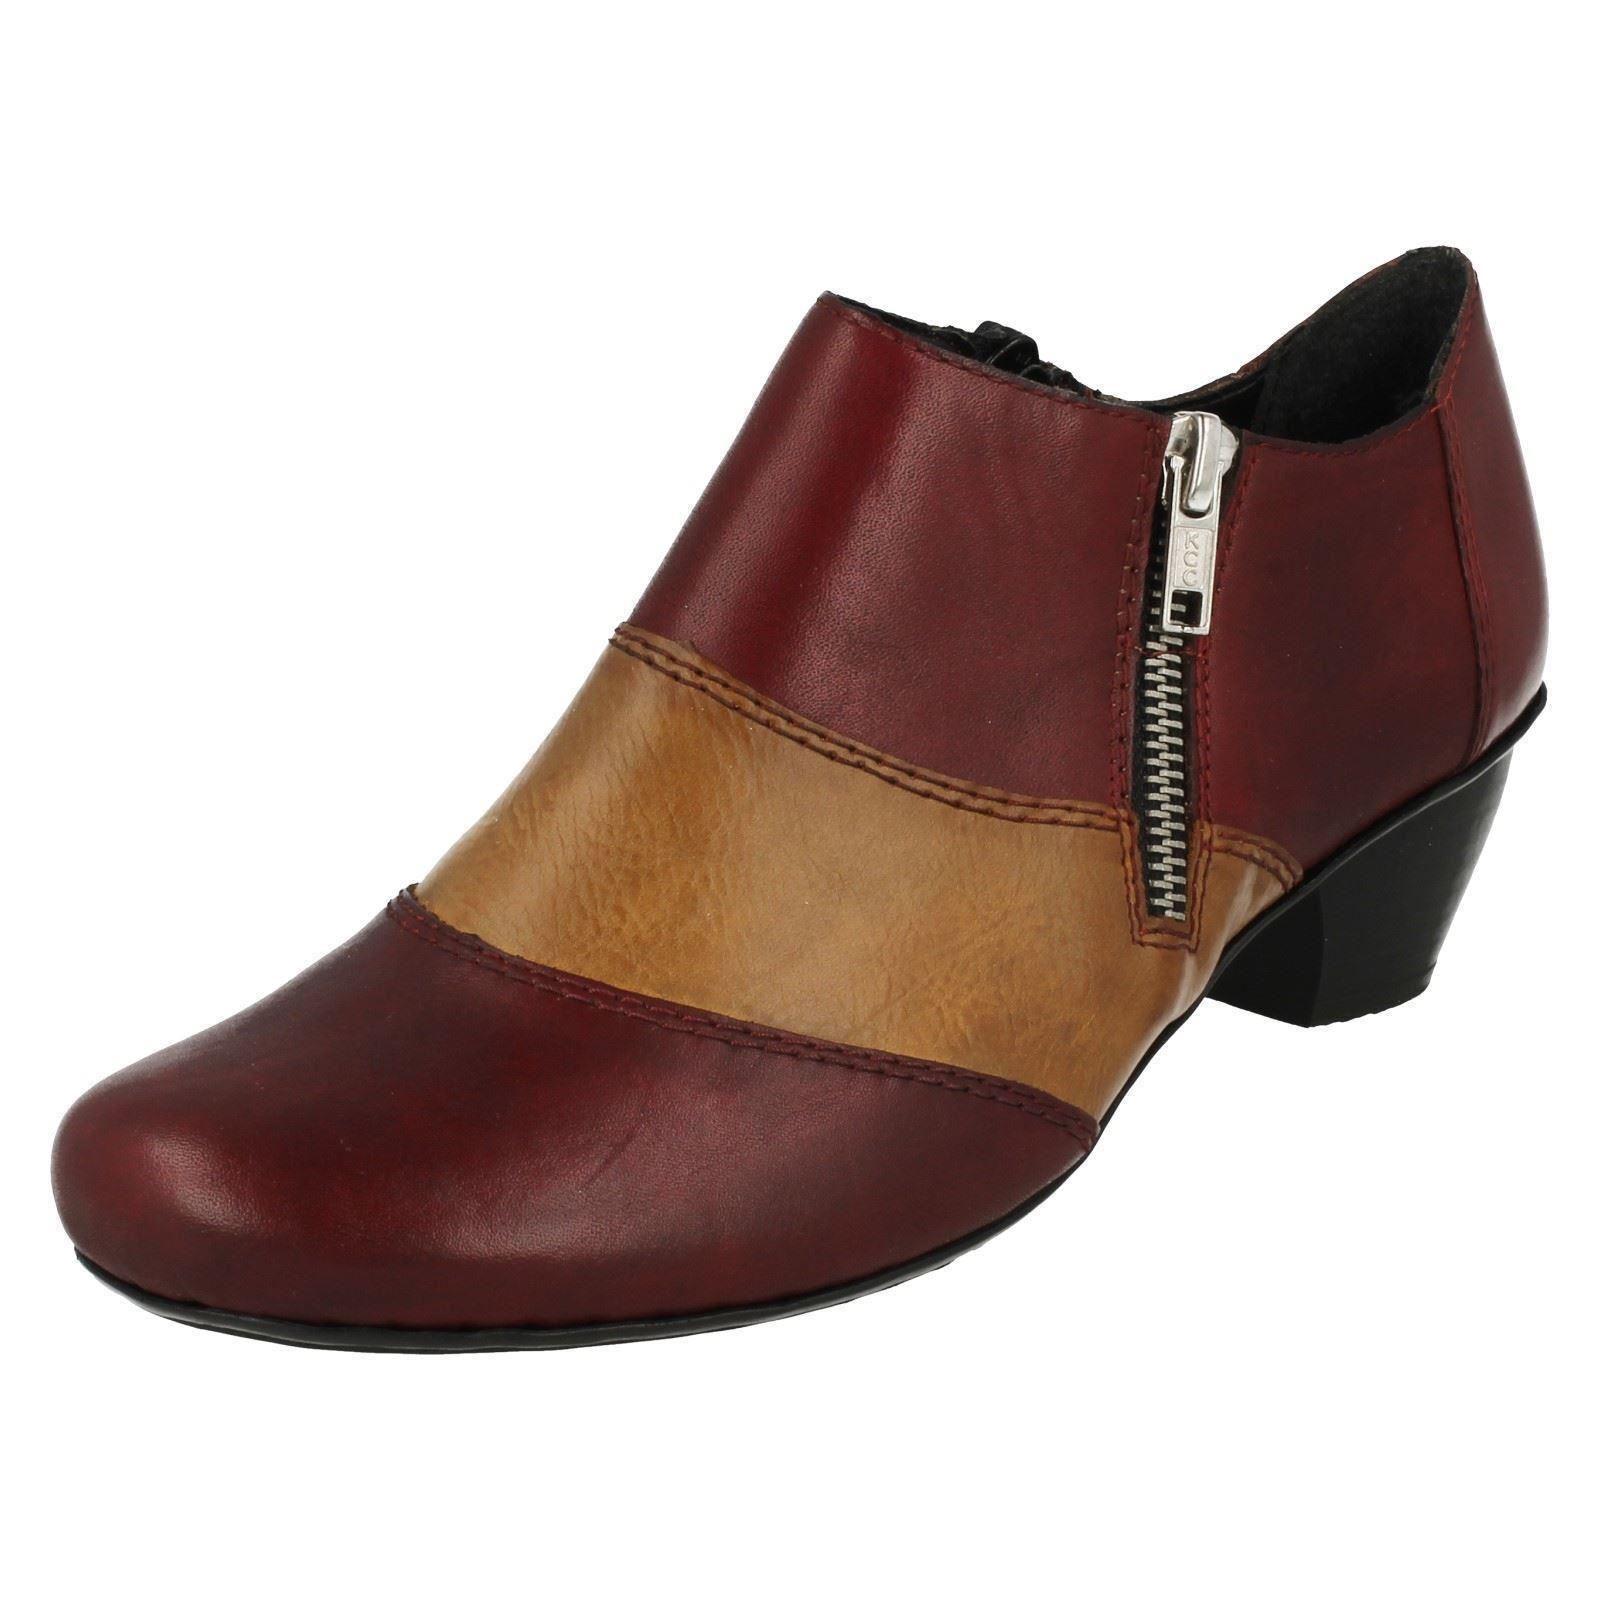 Damen Rieker 47674 rot Kombination Leder Smart Reißverschluss Hose Schuhe